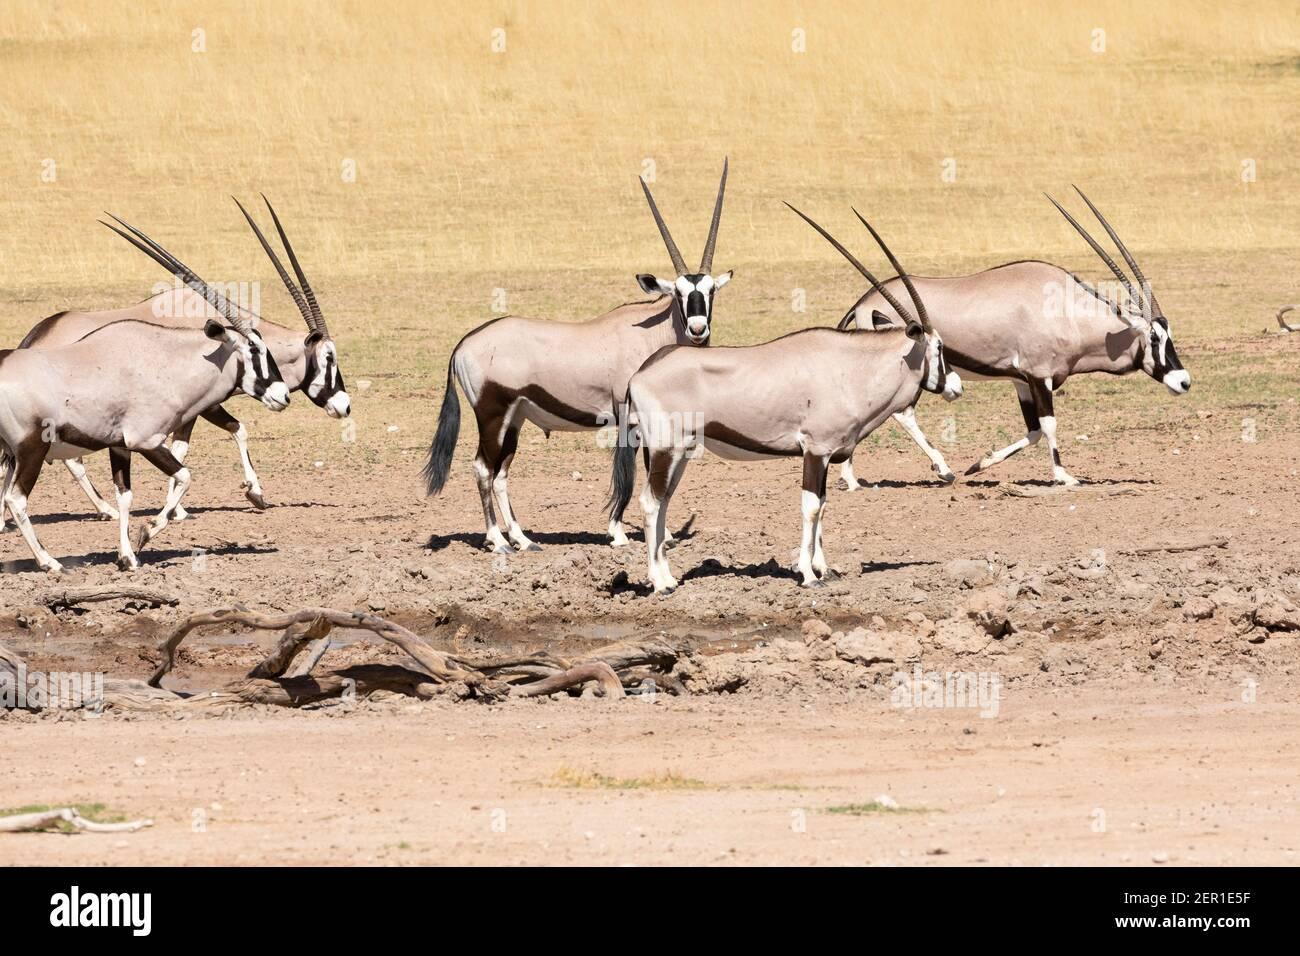 Troupeau de Gemsbok ou Gembuck (Oryx gazella) au trou d'eau de la rivière Auob, parc transfrontalier Kgalagadi, Kalahari, Cap Nord, Afrique du Sud Banque D'Images